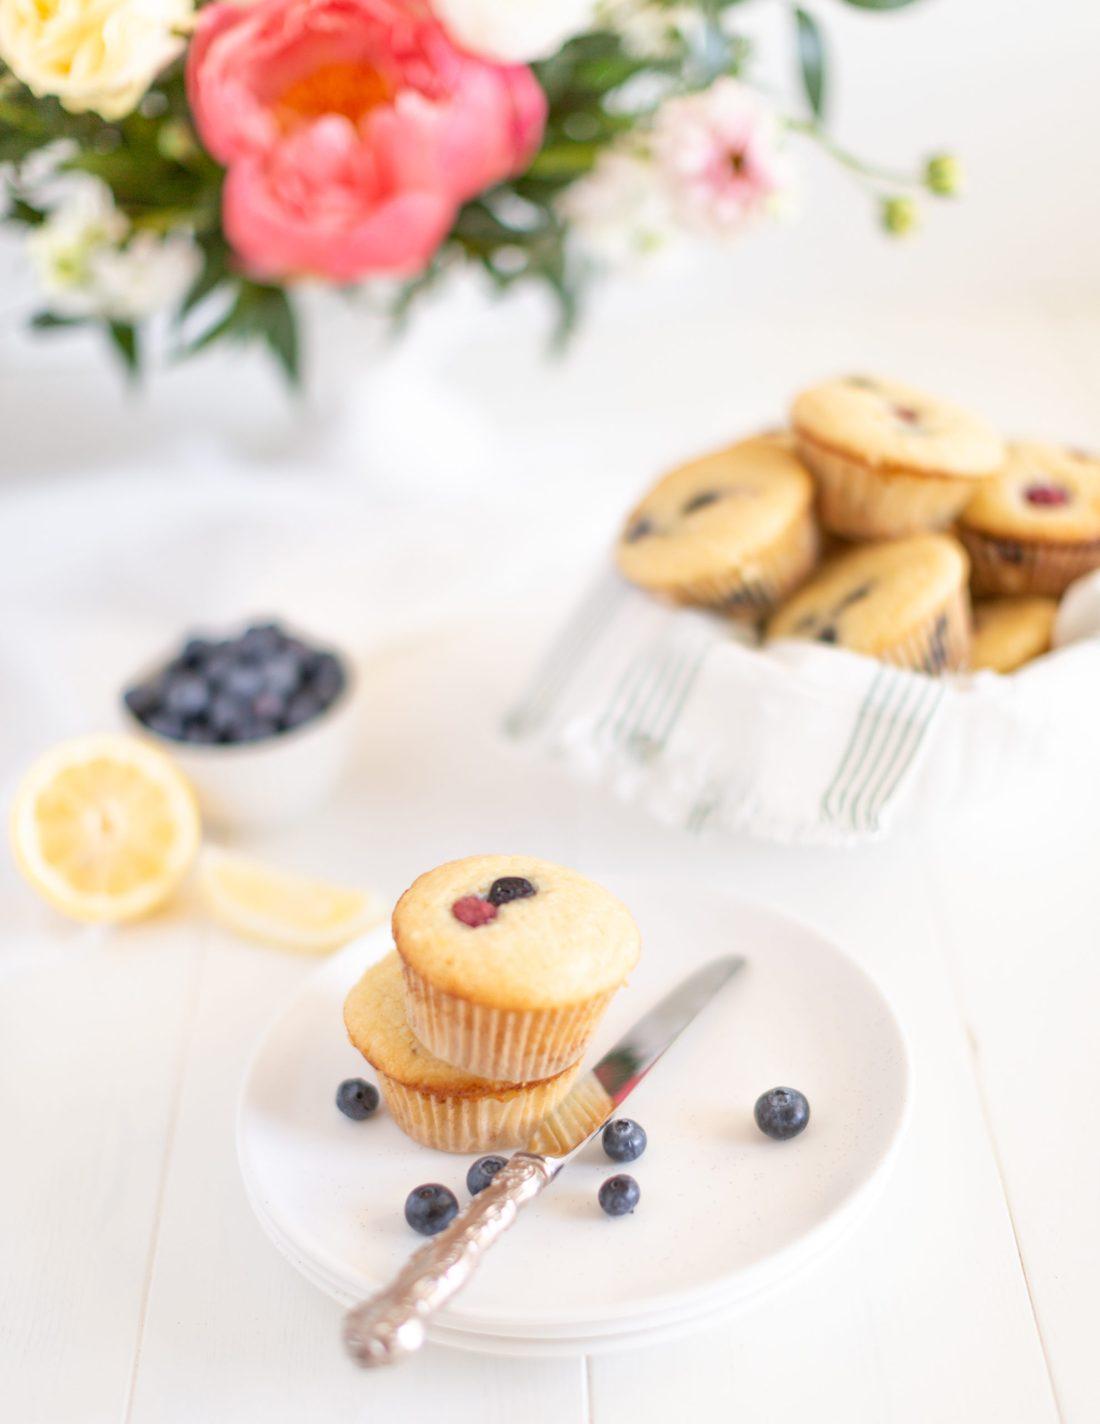 Blueberry Lemon Ricotta Muffin recipe perfect for fresh summertime berries!